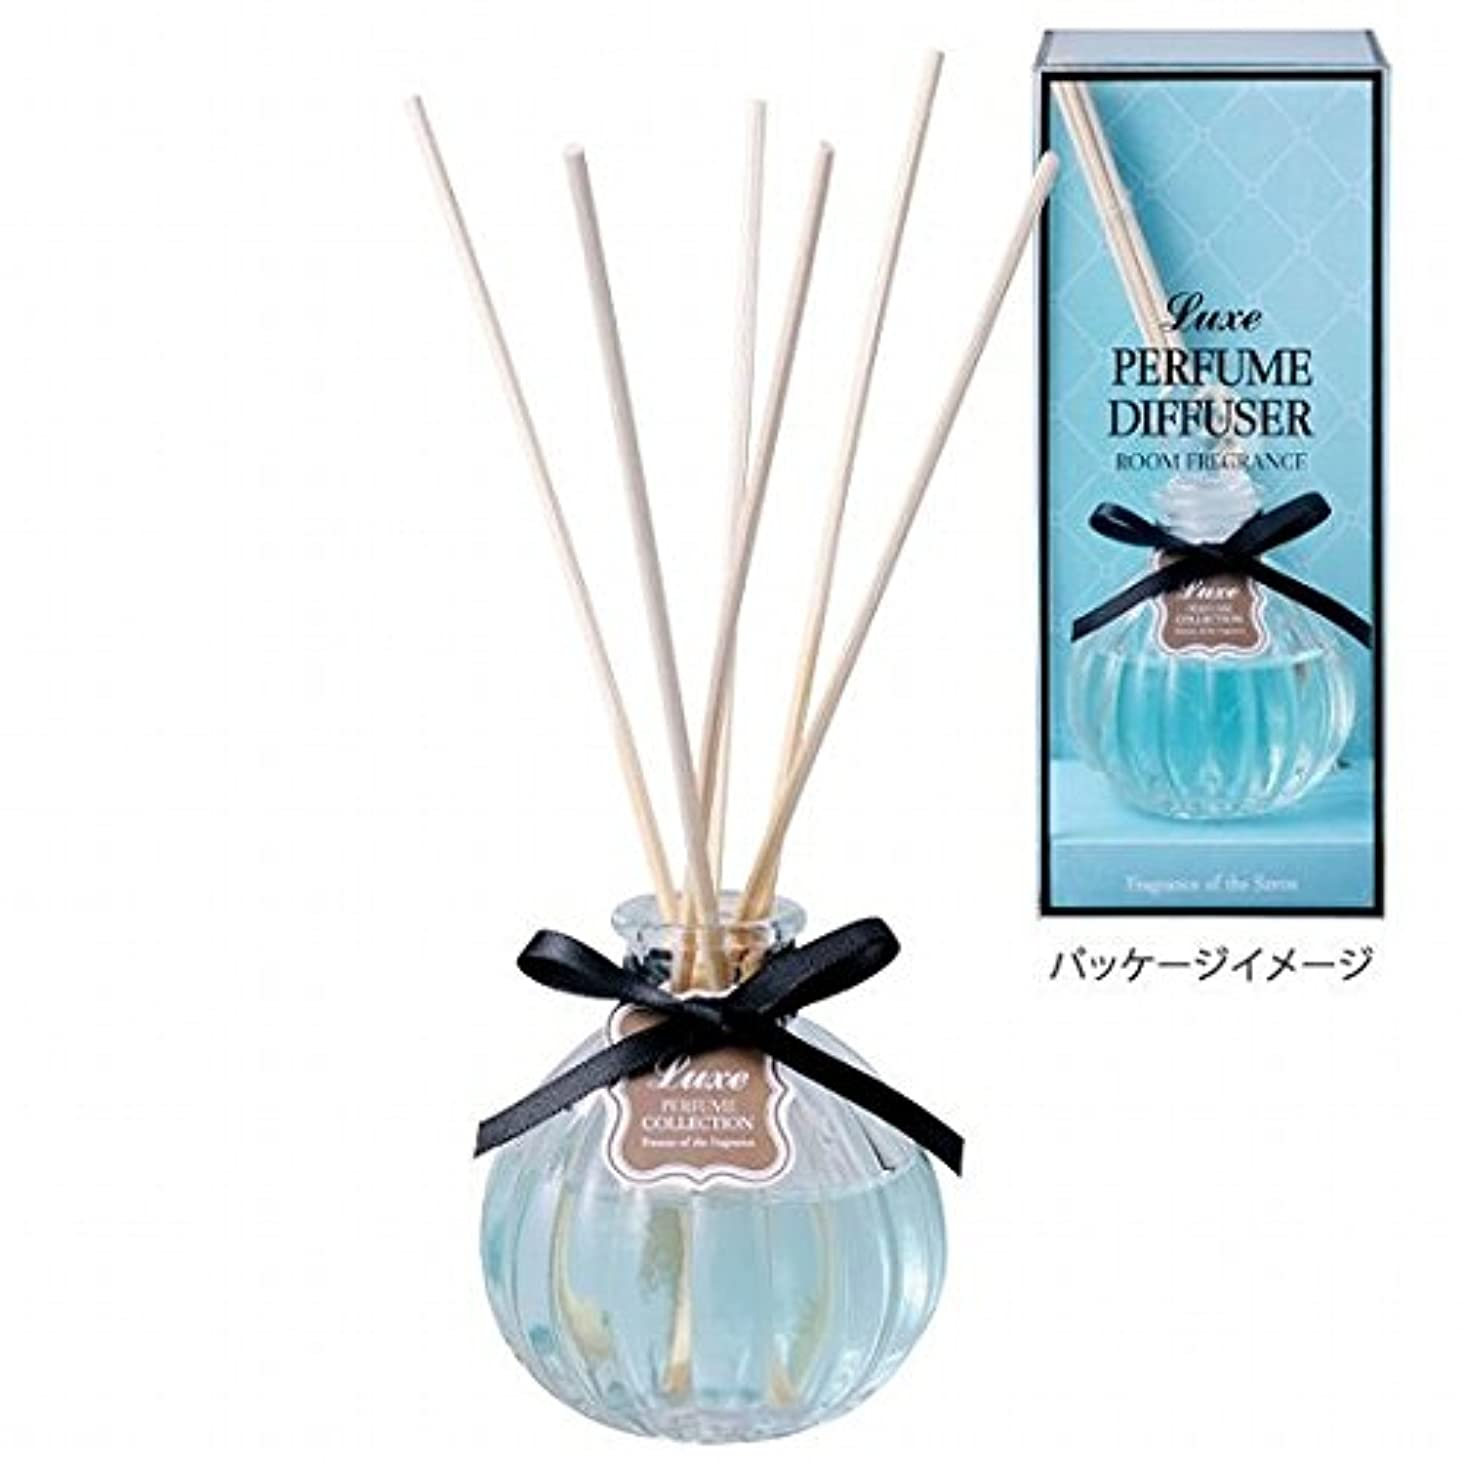 シーケンス仕様吸い込むカメヤマキャンドル( kameyama candle ) パフュームディフューザー 「 サボン 」